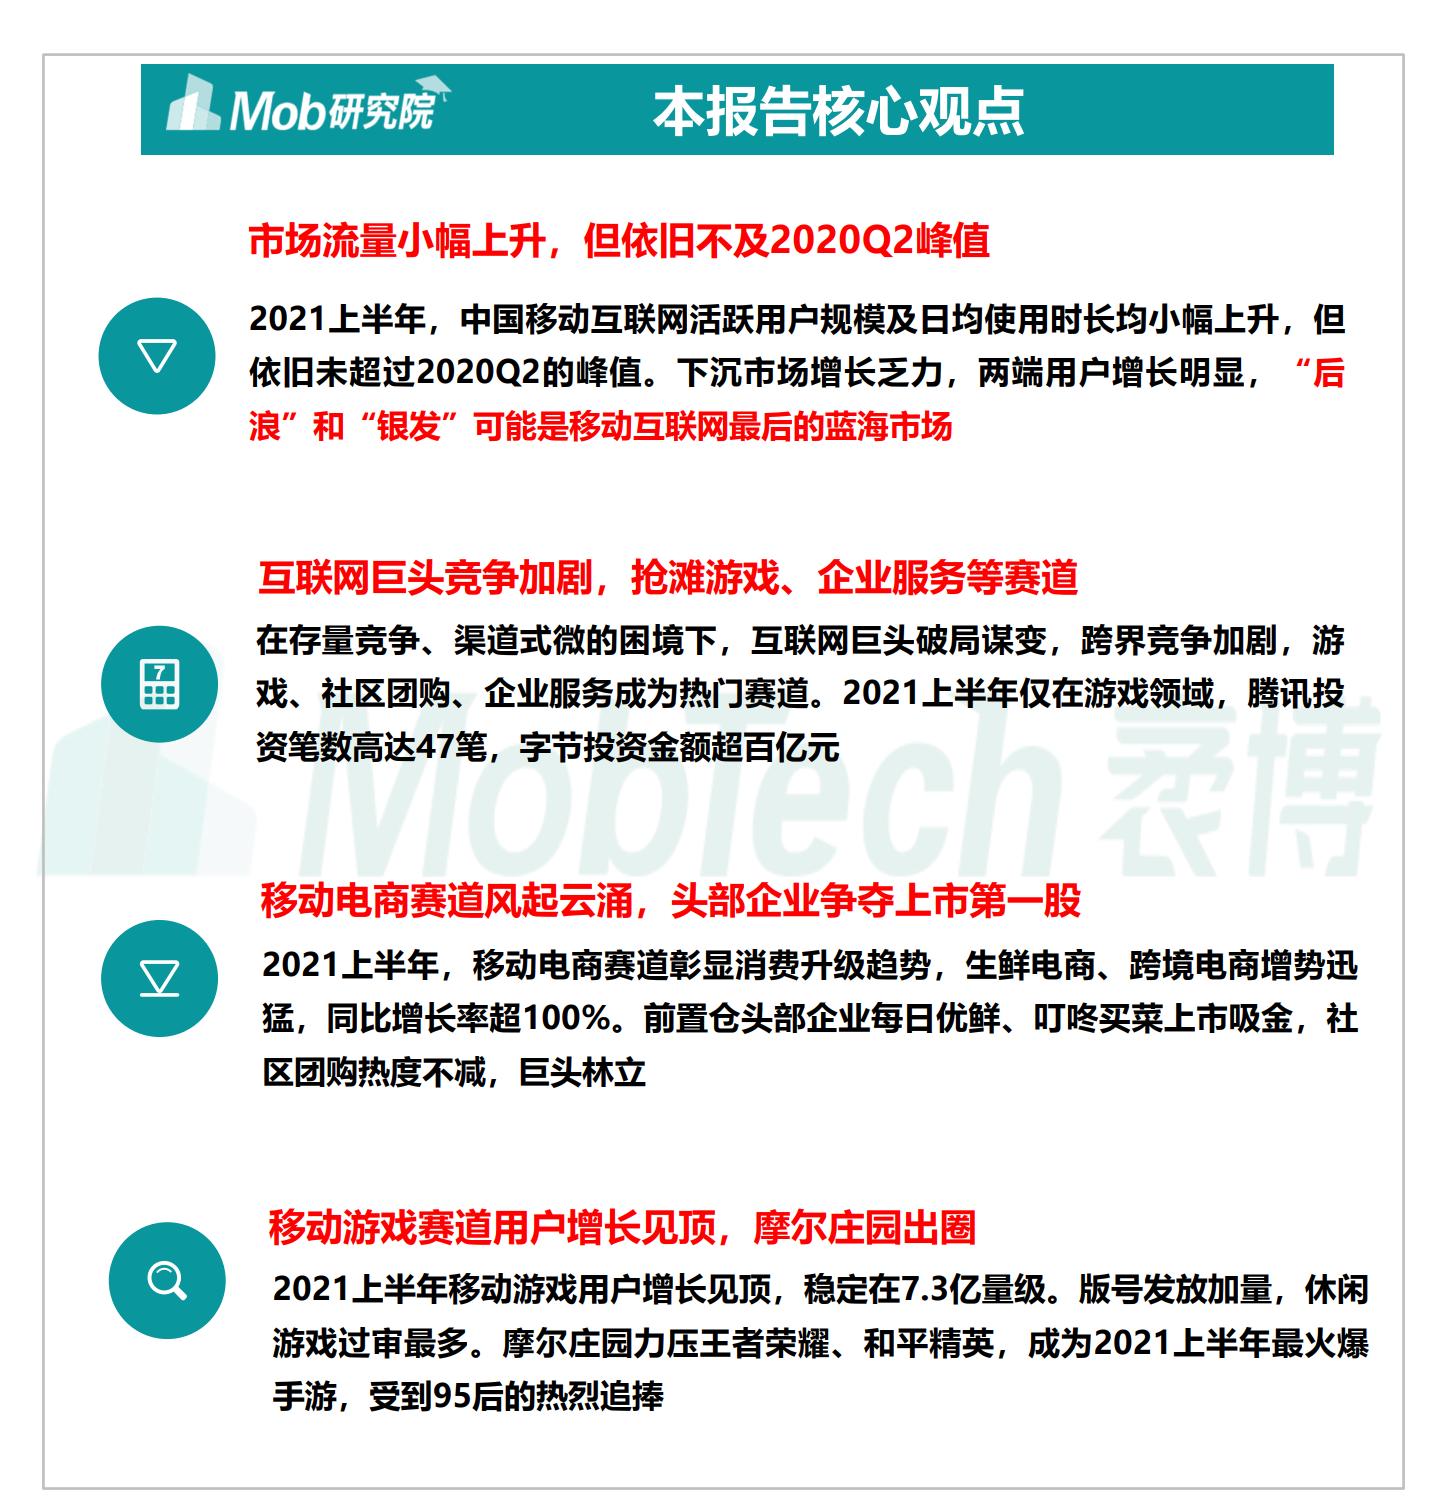 2021年中国移动互联网半年度大报告插图2